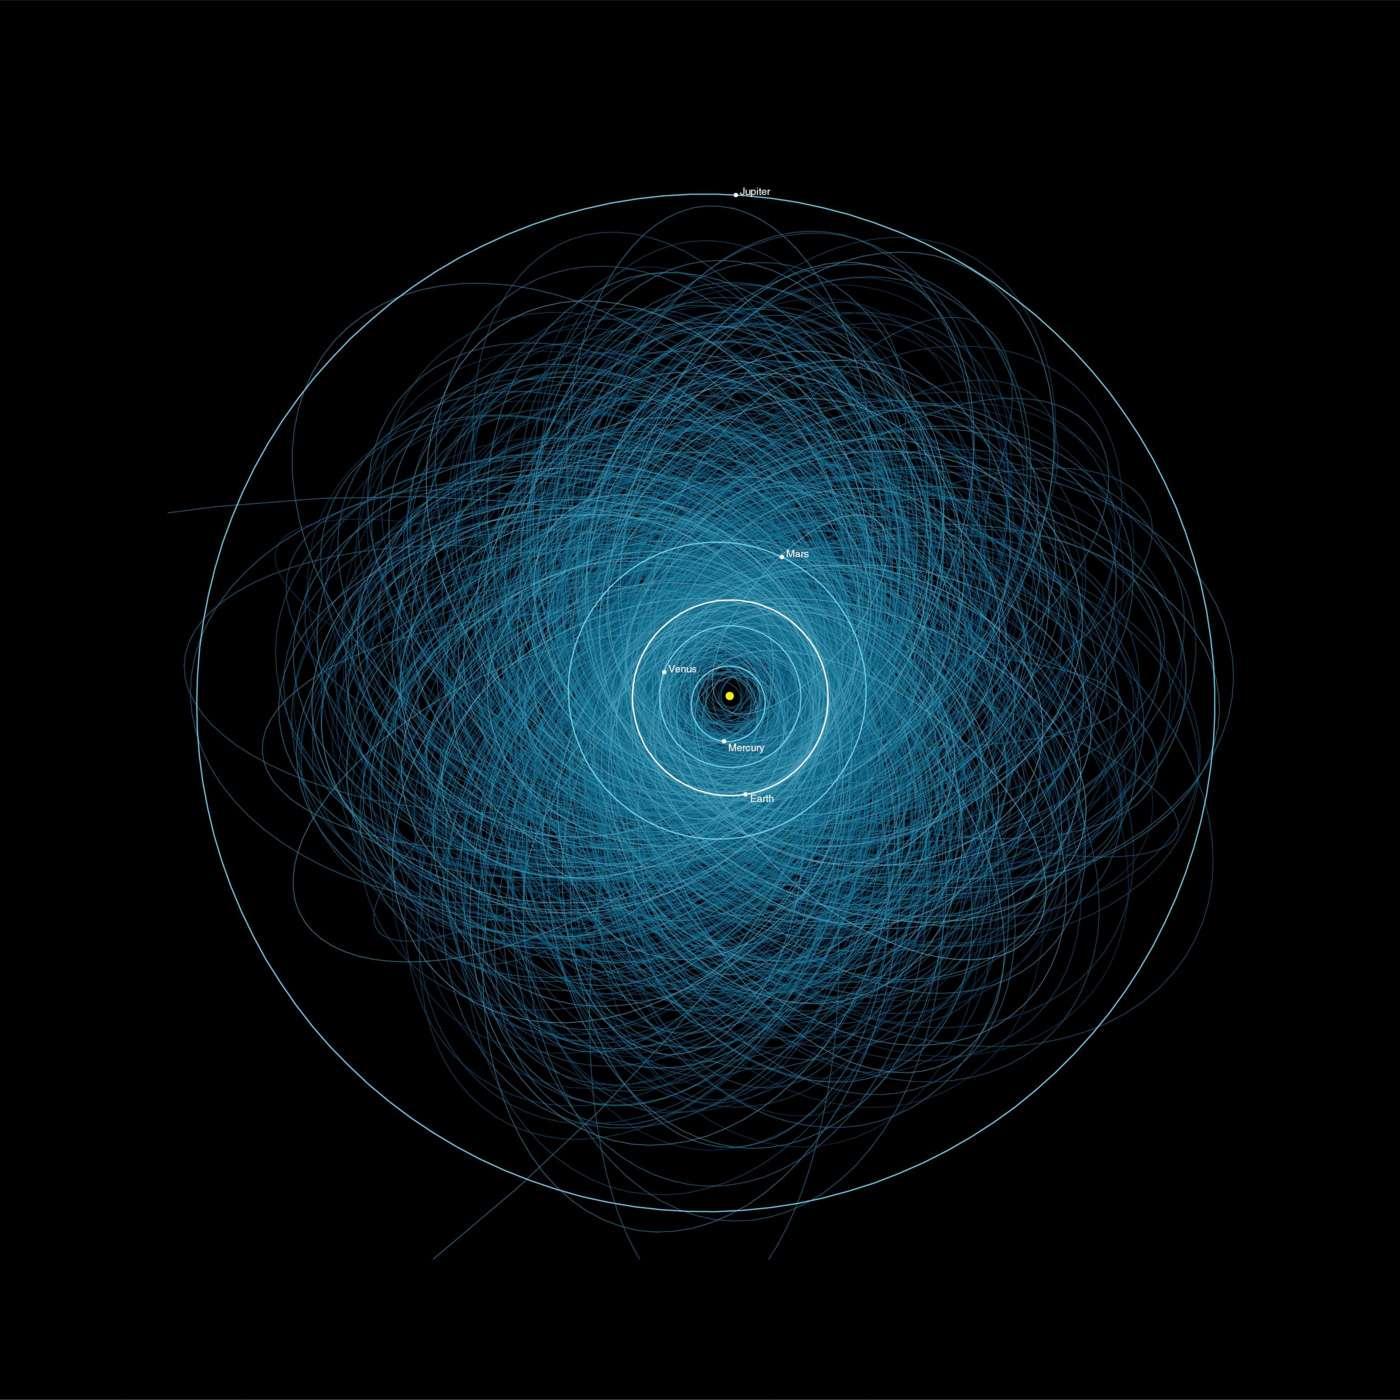 Orbites d'environ 1.400 astéroïdes de plus de 140 mètres, qui s'approchent à moins de 7,5 millions de kilomètres de la Terre. Selon la Nasa, le risque de collision d'un objet de plus de 50 mètres de diamètre avec la Terre est nul pour le siècle à venir. © Nasa, JPL, DP